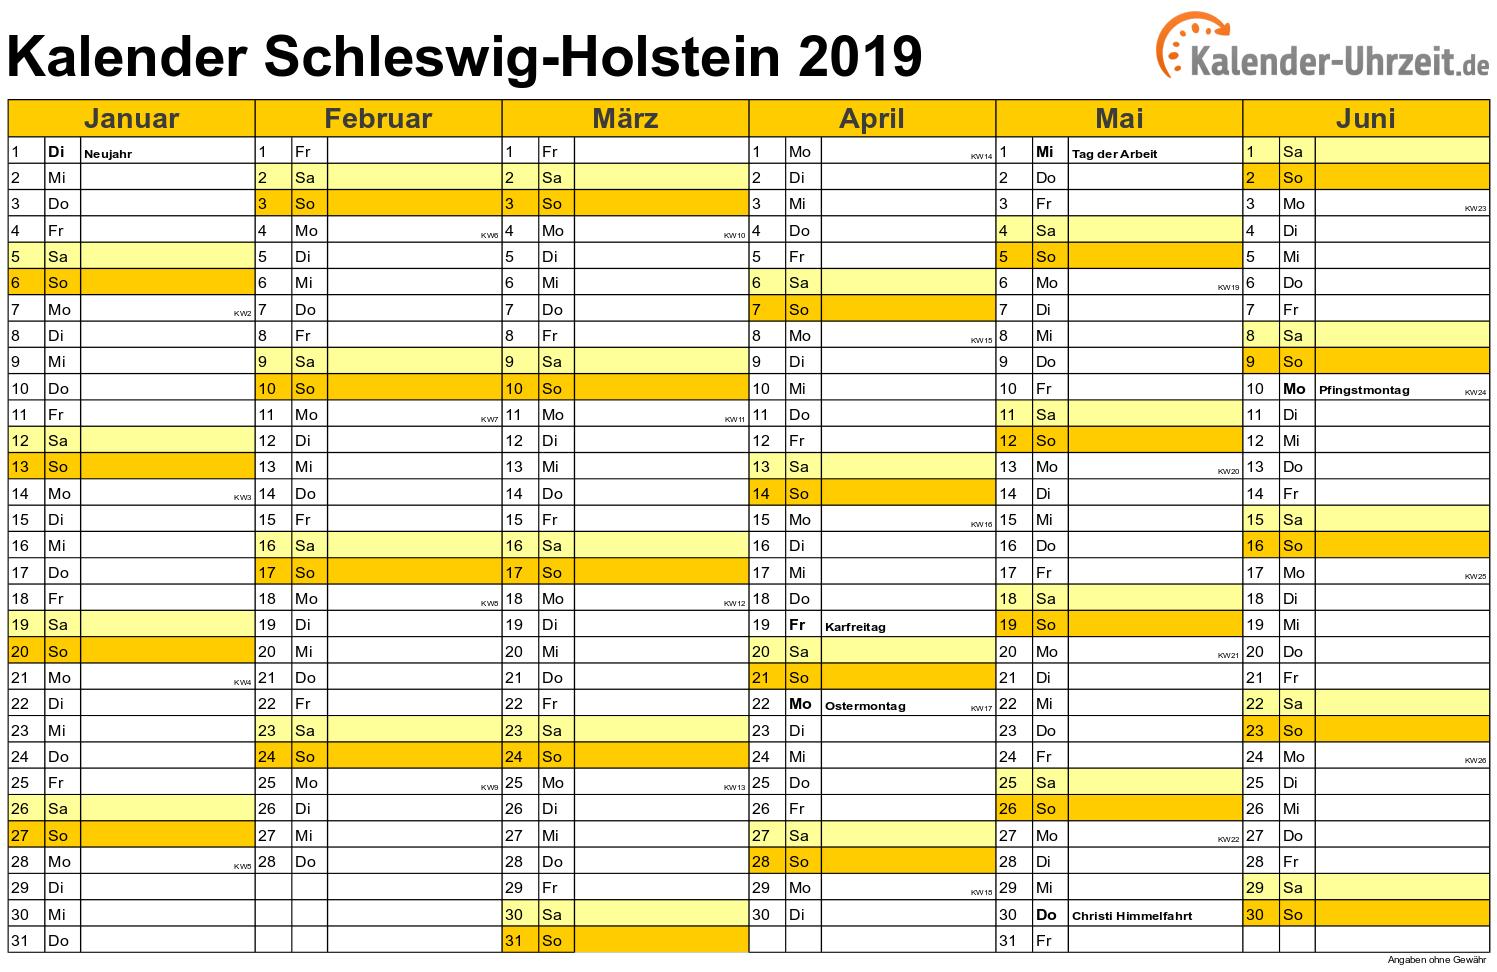 kalender 2019 schleswig holstein